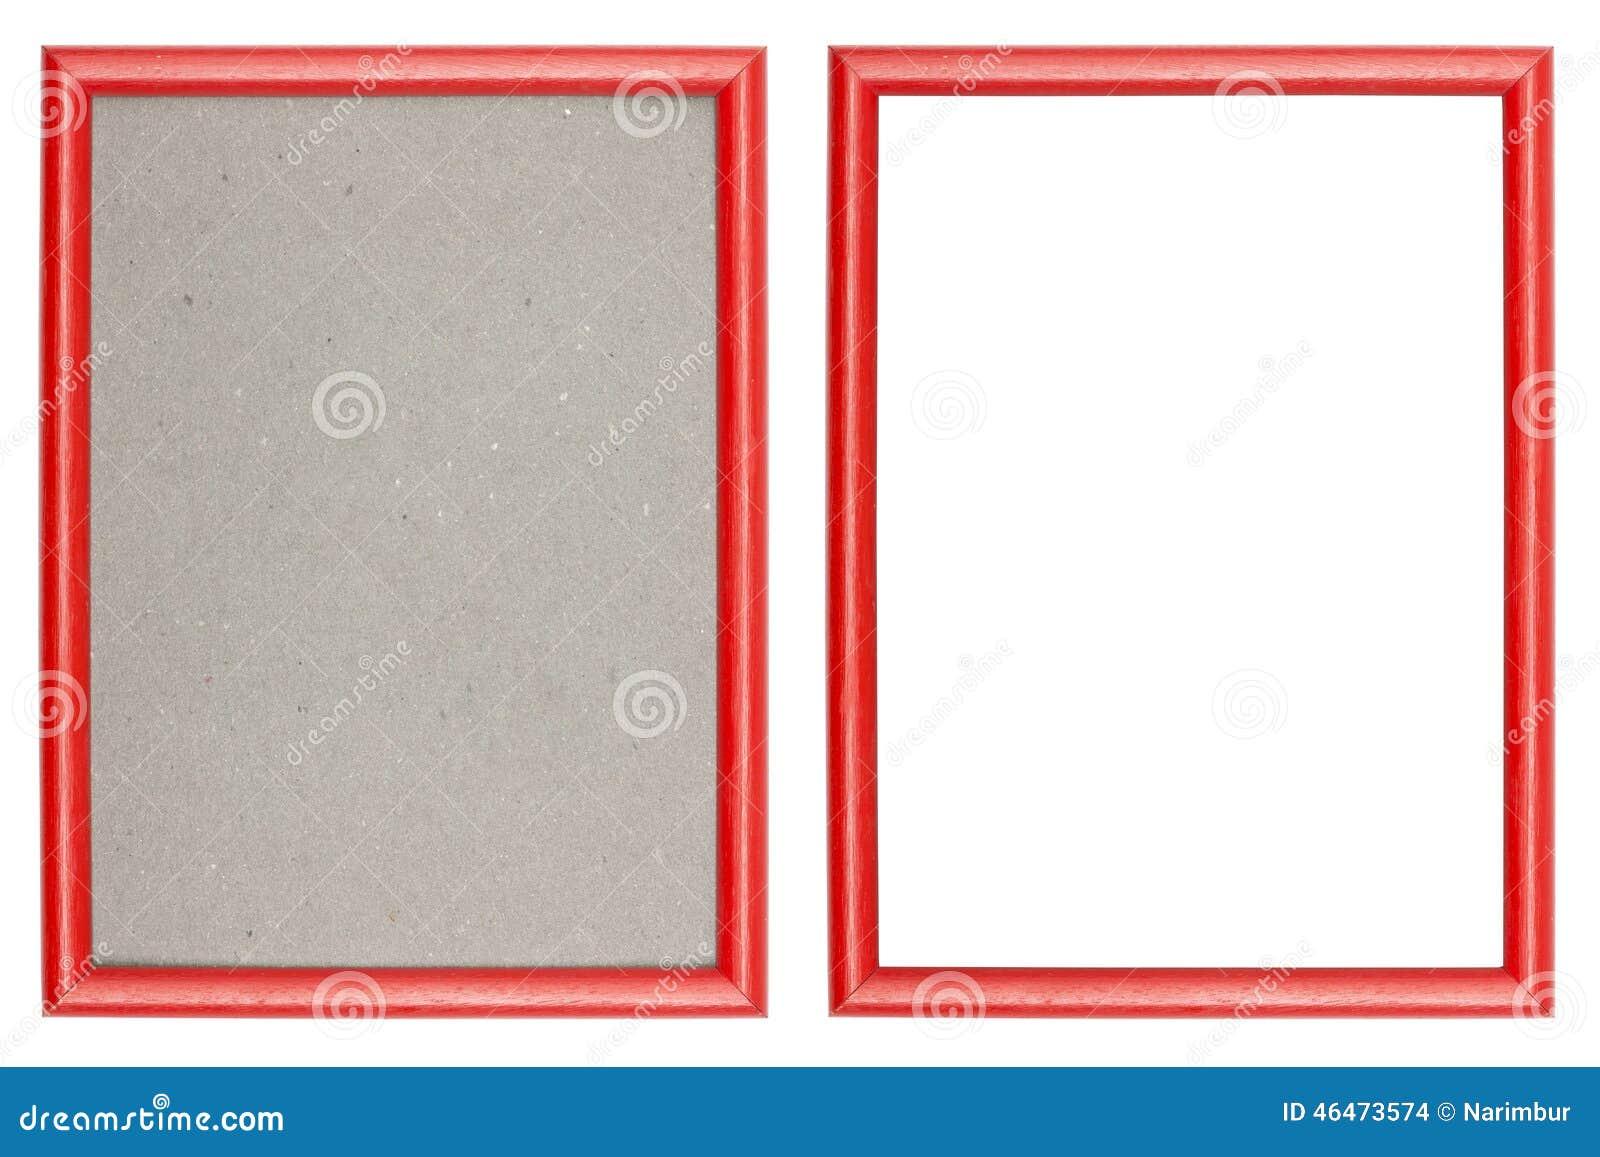 红色塑料画框图片